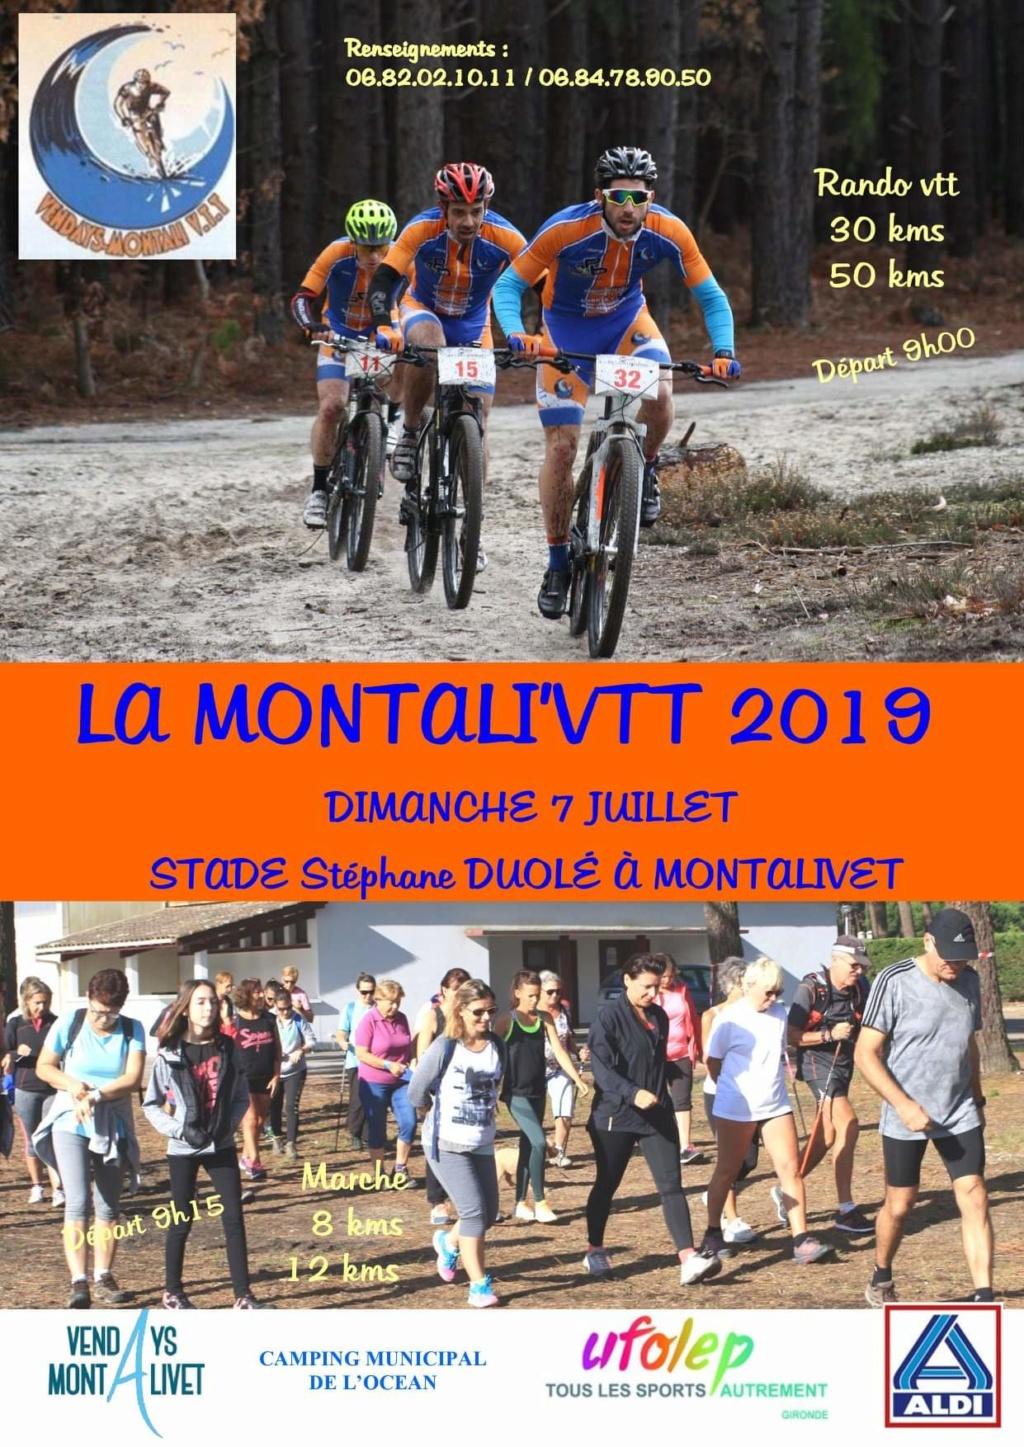 Rando vtt de Montalivet le dimanche 07 Juillet 2019 Fb_img38